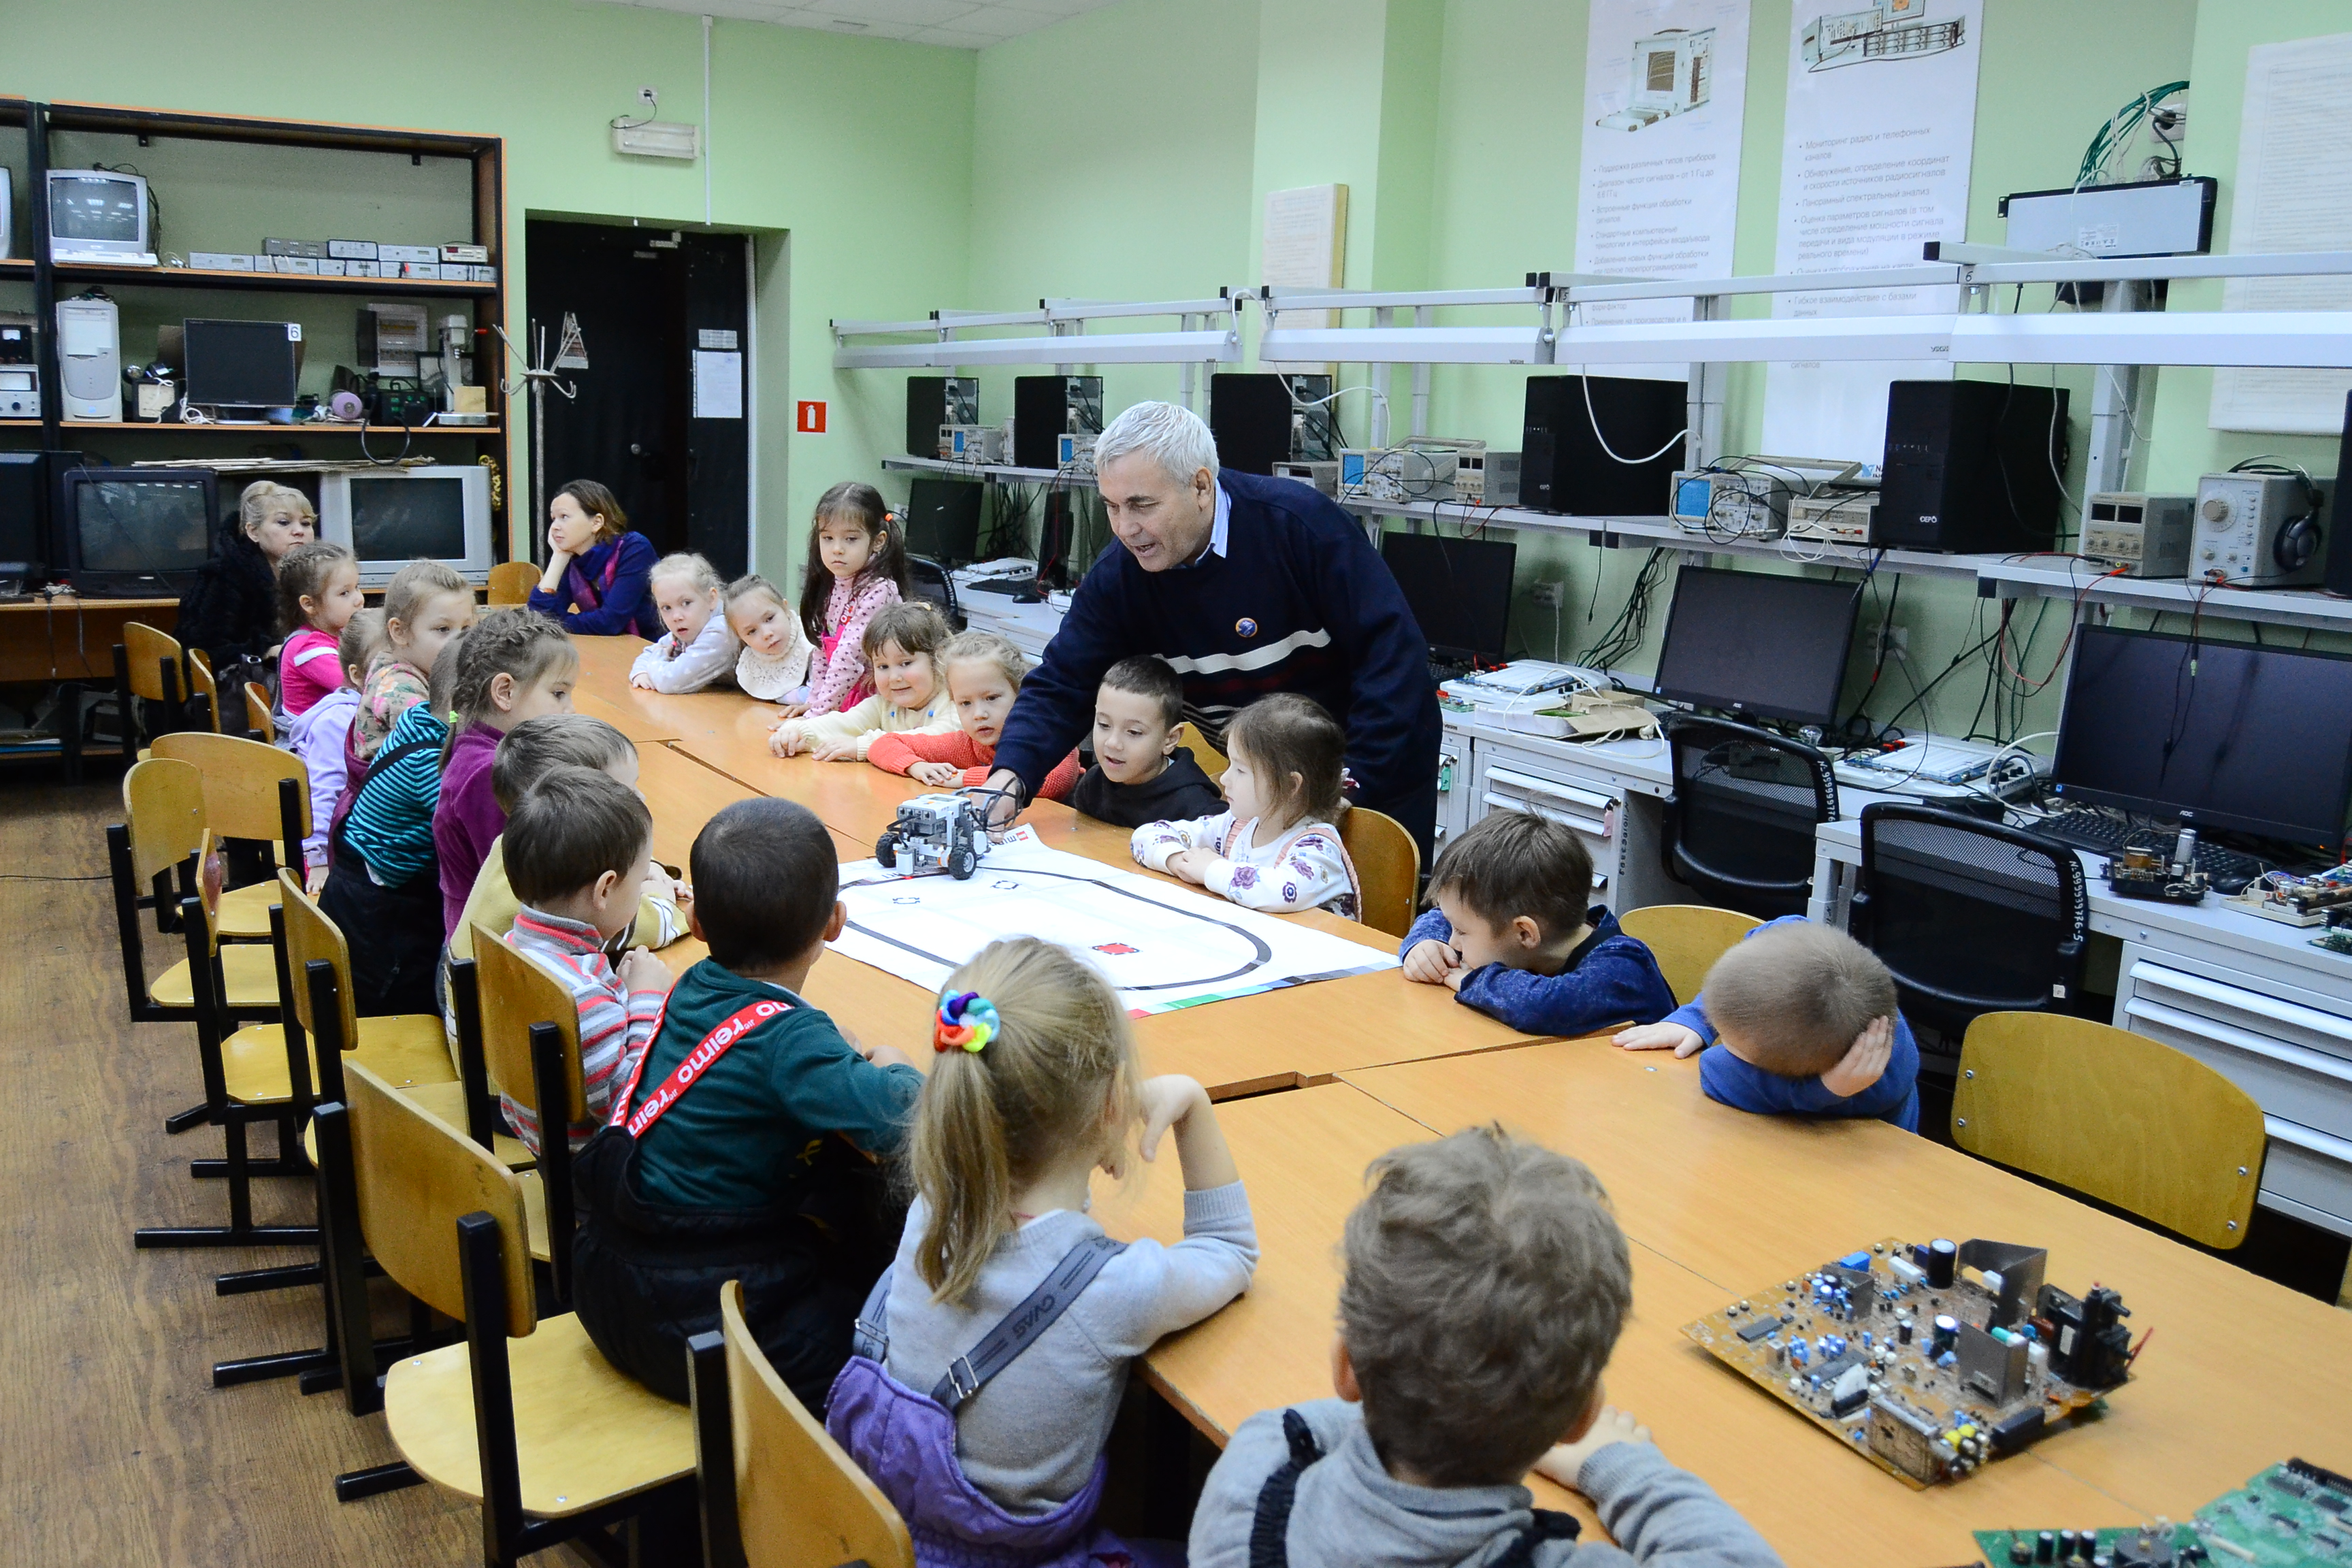 В рамках VI Регионального (открытого) чемпионата «Молодые профессионалы (Worldskills Russia)» для учащихся школ и воспитанников детских садов были проведены профориентационные мероприятия.